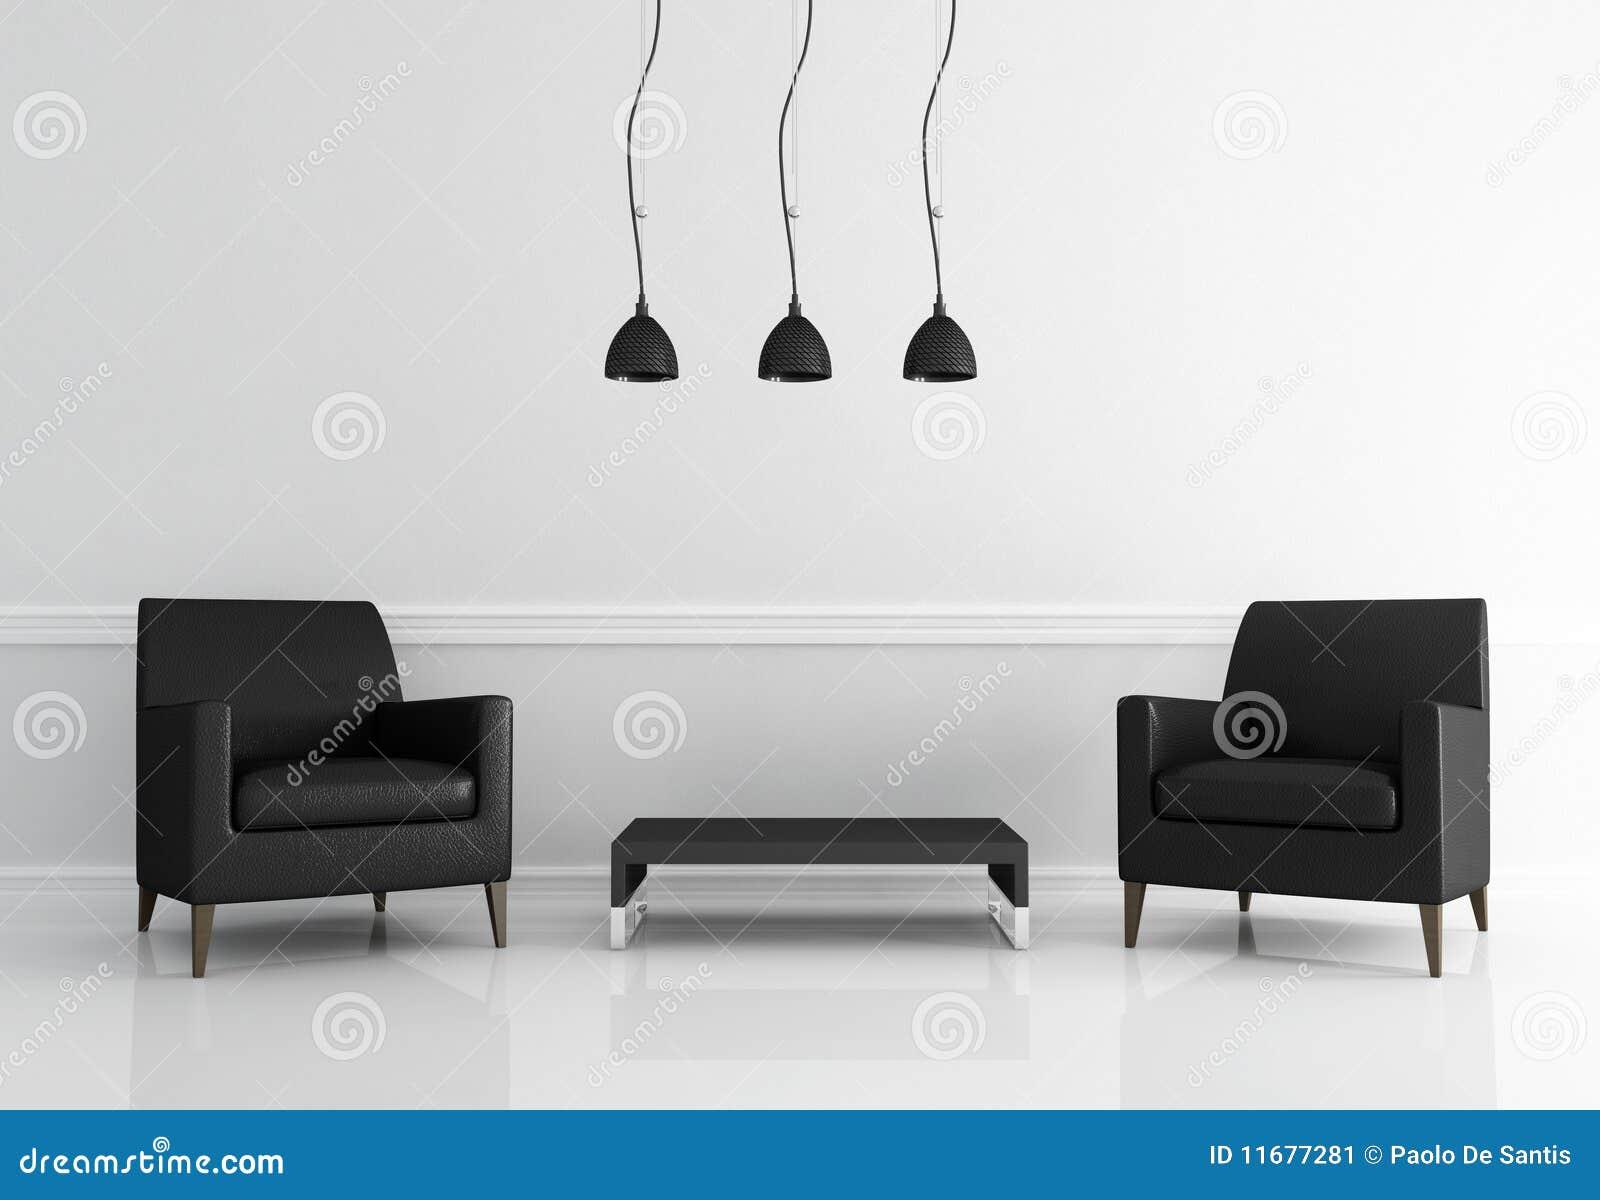 White Living Room Black And White Living Room Black And White Living Room Ideas